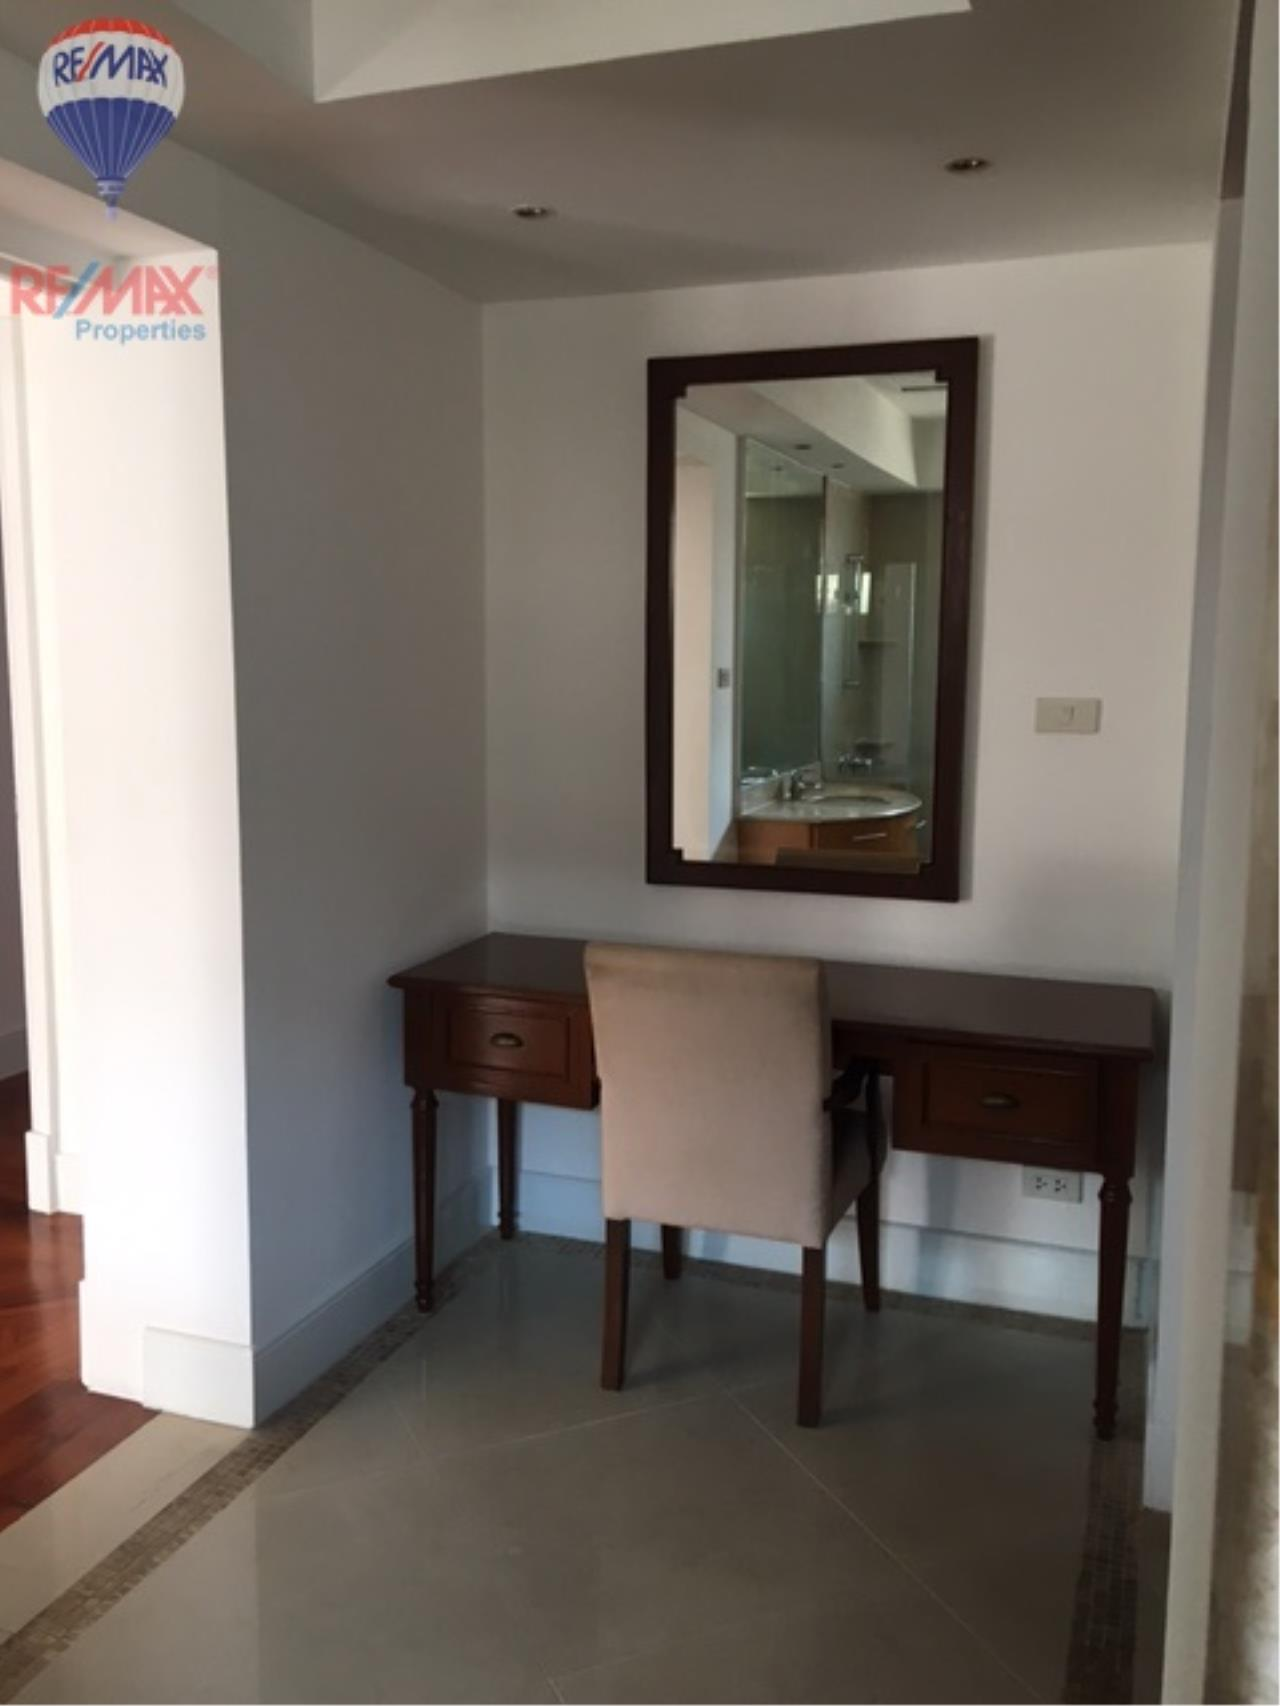 RE/MAX Properties Agency's 4 Bedroom 330 Sq.m high floor for rent in Soi 39 13